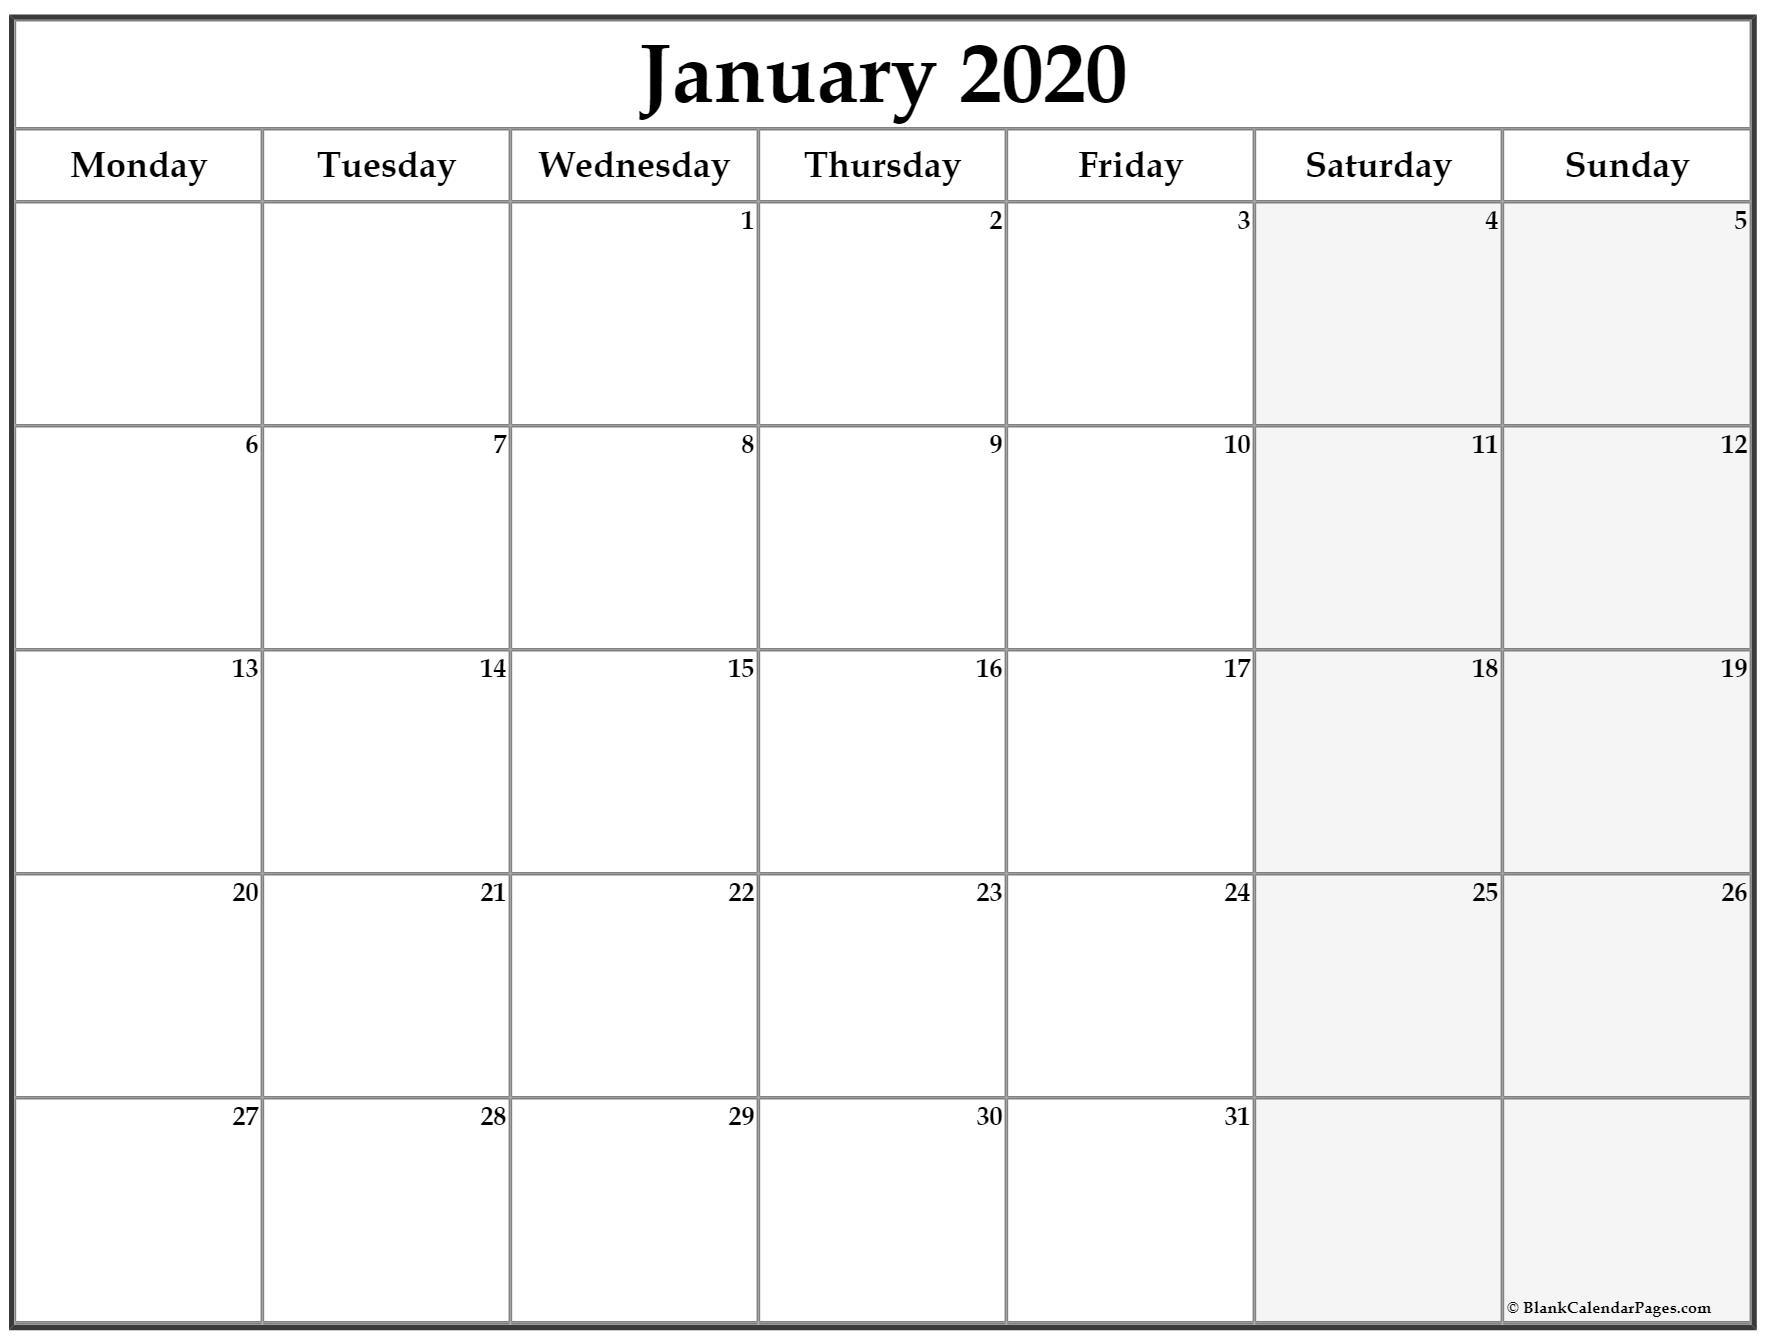 January 2020 Monday Calendar | Monday To Sunday with Monday Through Sunday Calendar Template